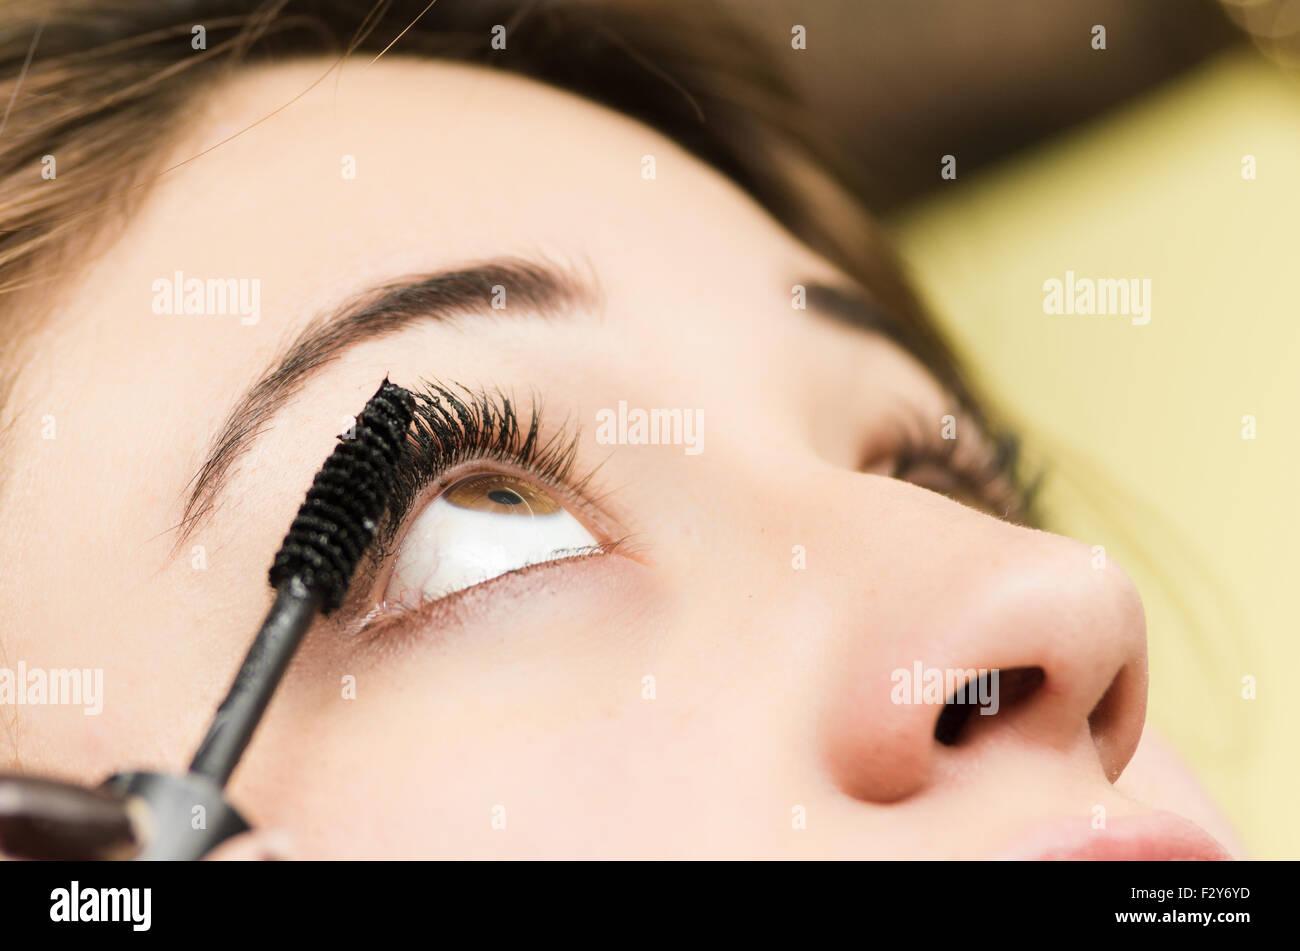 Closeup portrait brune s traitement maquillage styliste professionnel par le mascara sur les cils Photo Stock